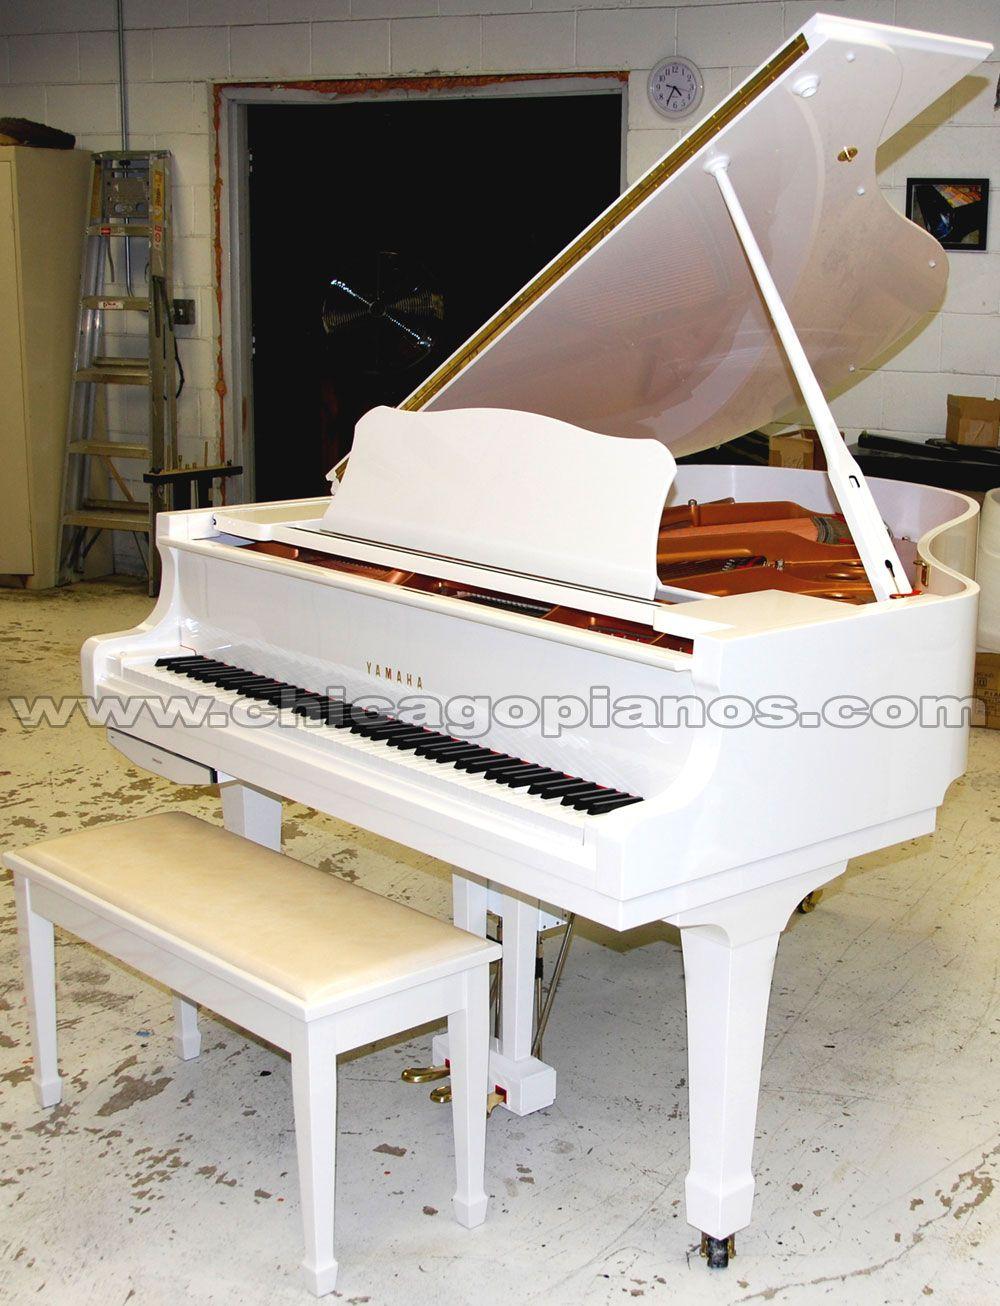 yamaha white grand piano -#main